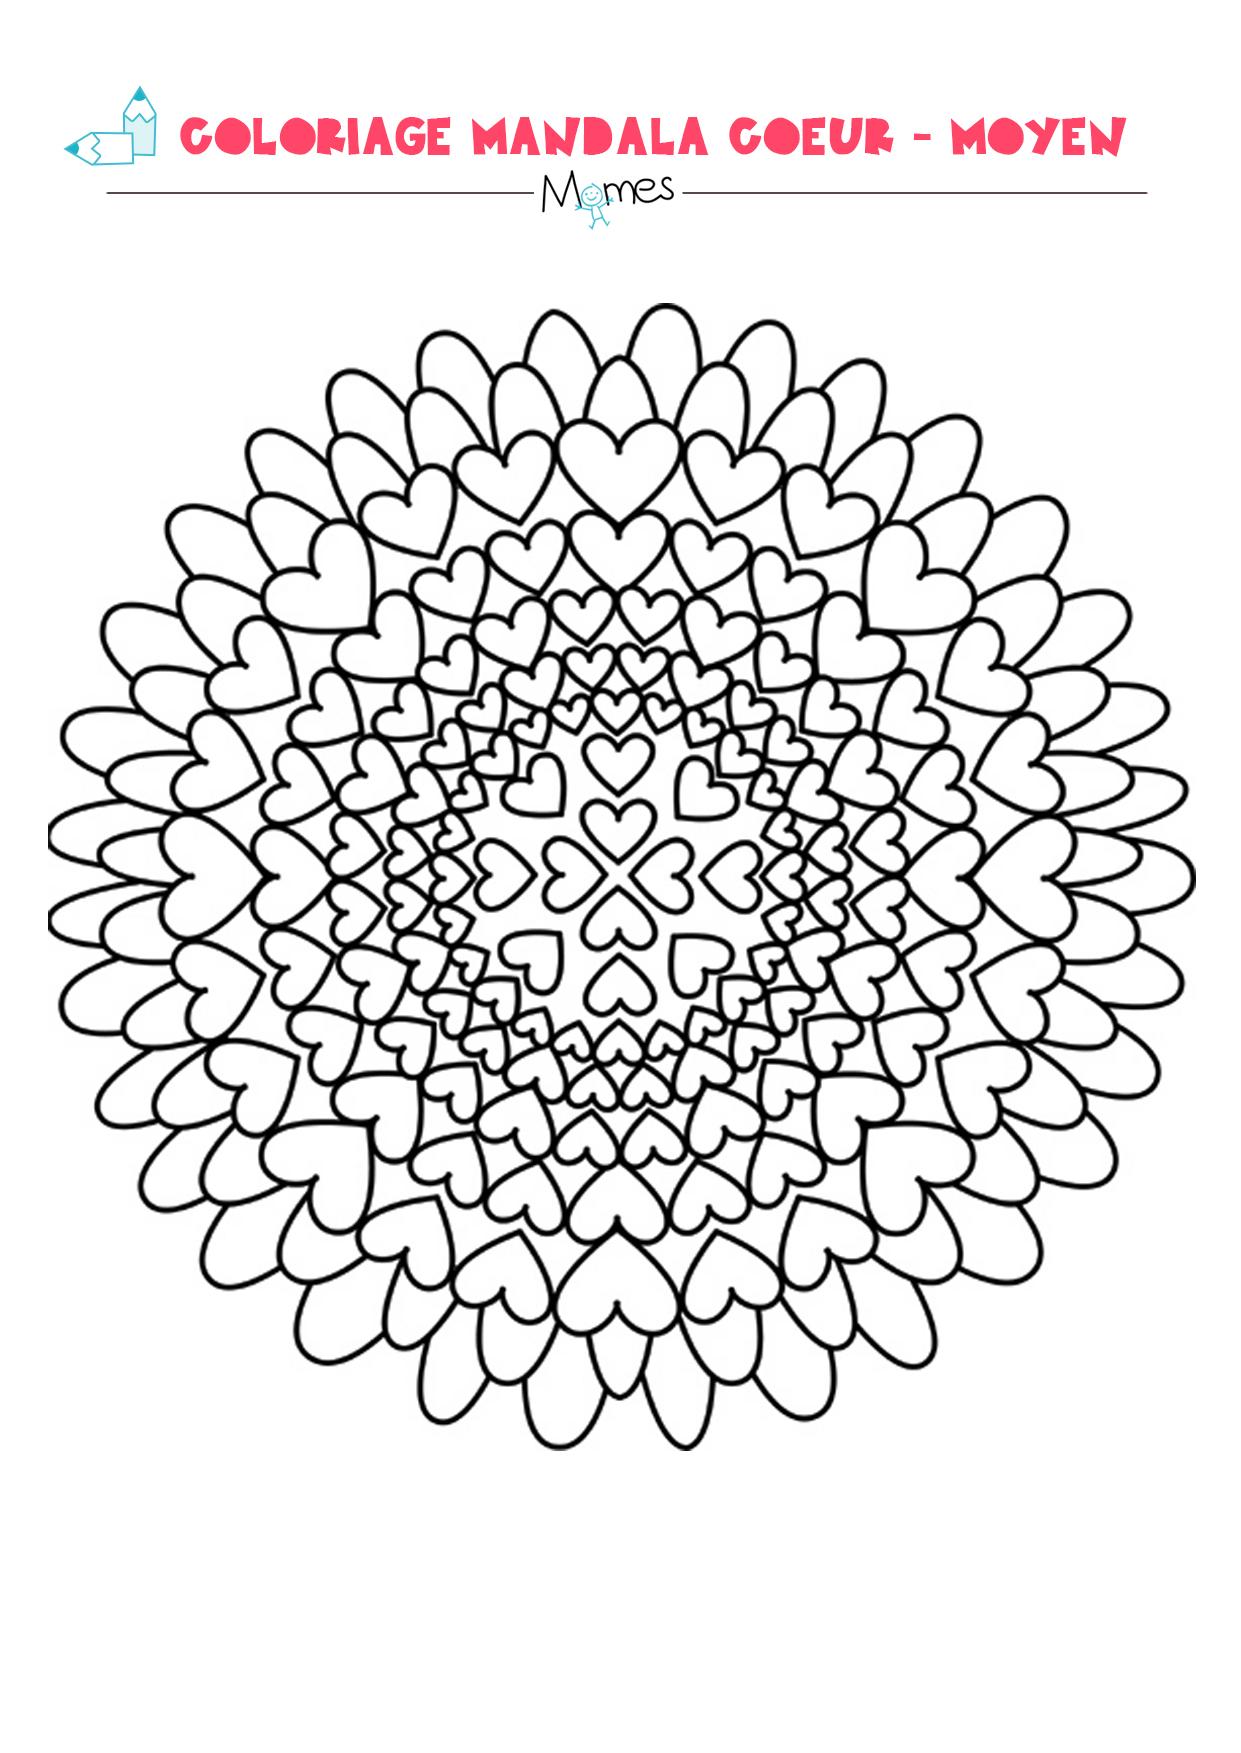 Mandala coeur colorier facile - Image de coeur a colorier ...